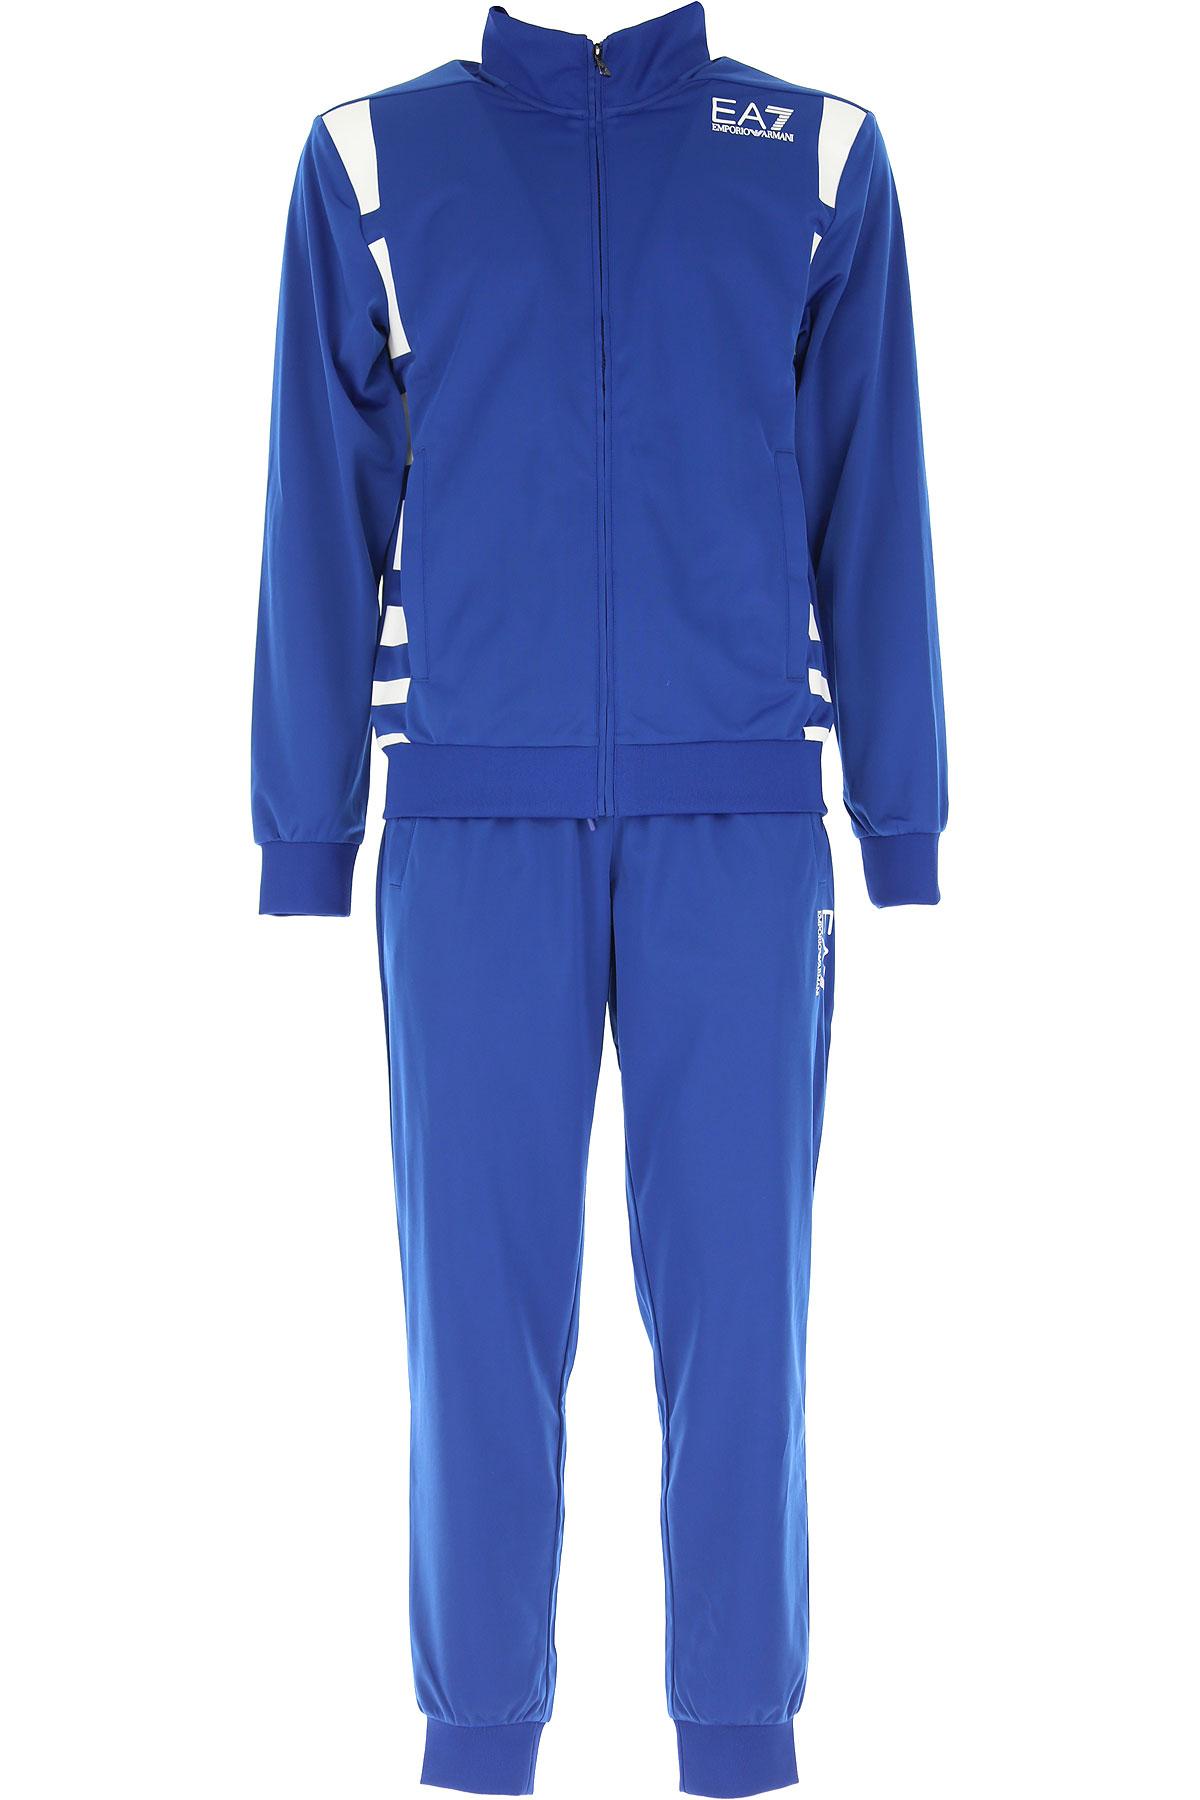 Emporio Armani Vêtement Homme Pour Entraînement De Gym Et Jogging Pas Cher En Soldes, Bleu électrique, Polyester, 2019, L M